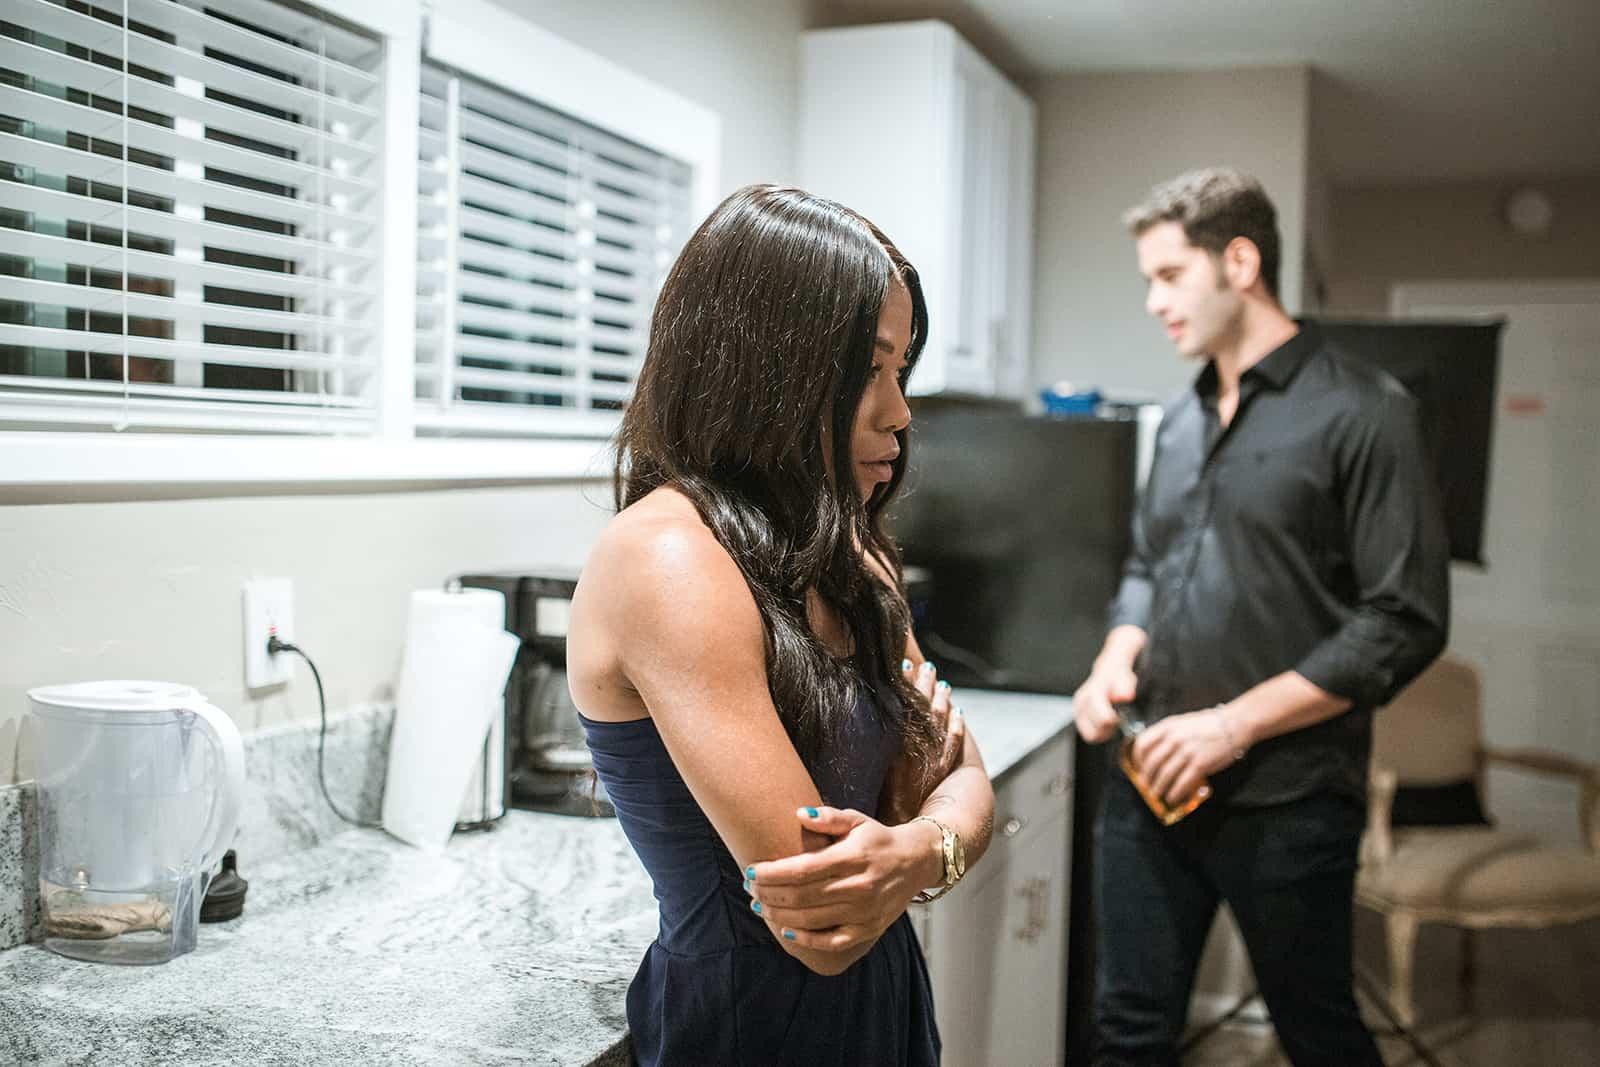 eine traurige Frau, die in der Küche steht, während ihr Mann eine Flasche Getränk hält